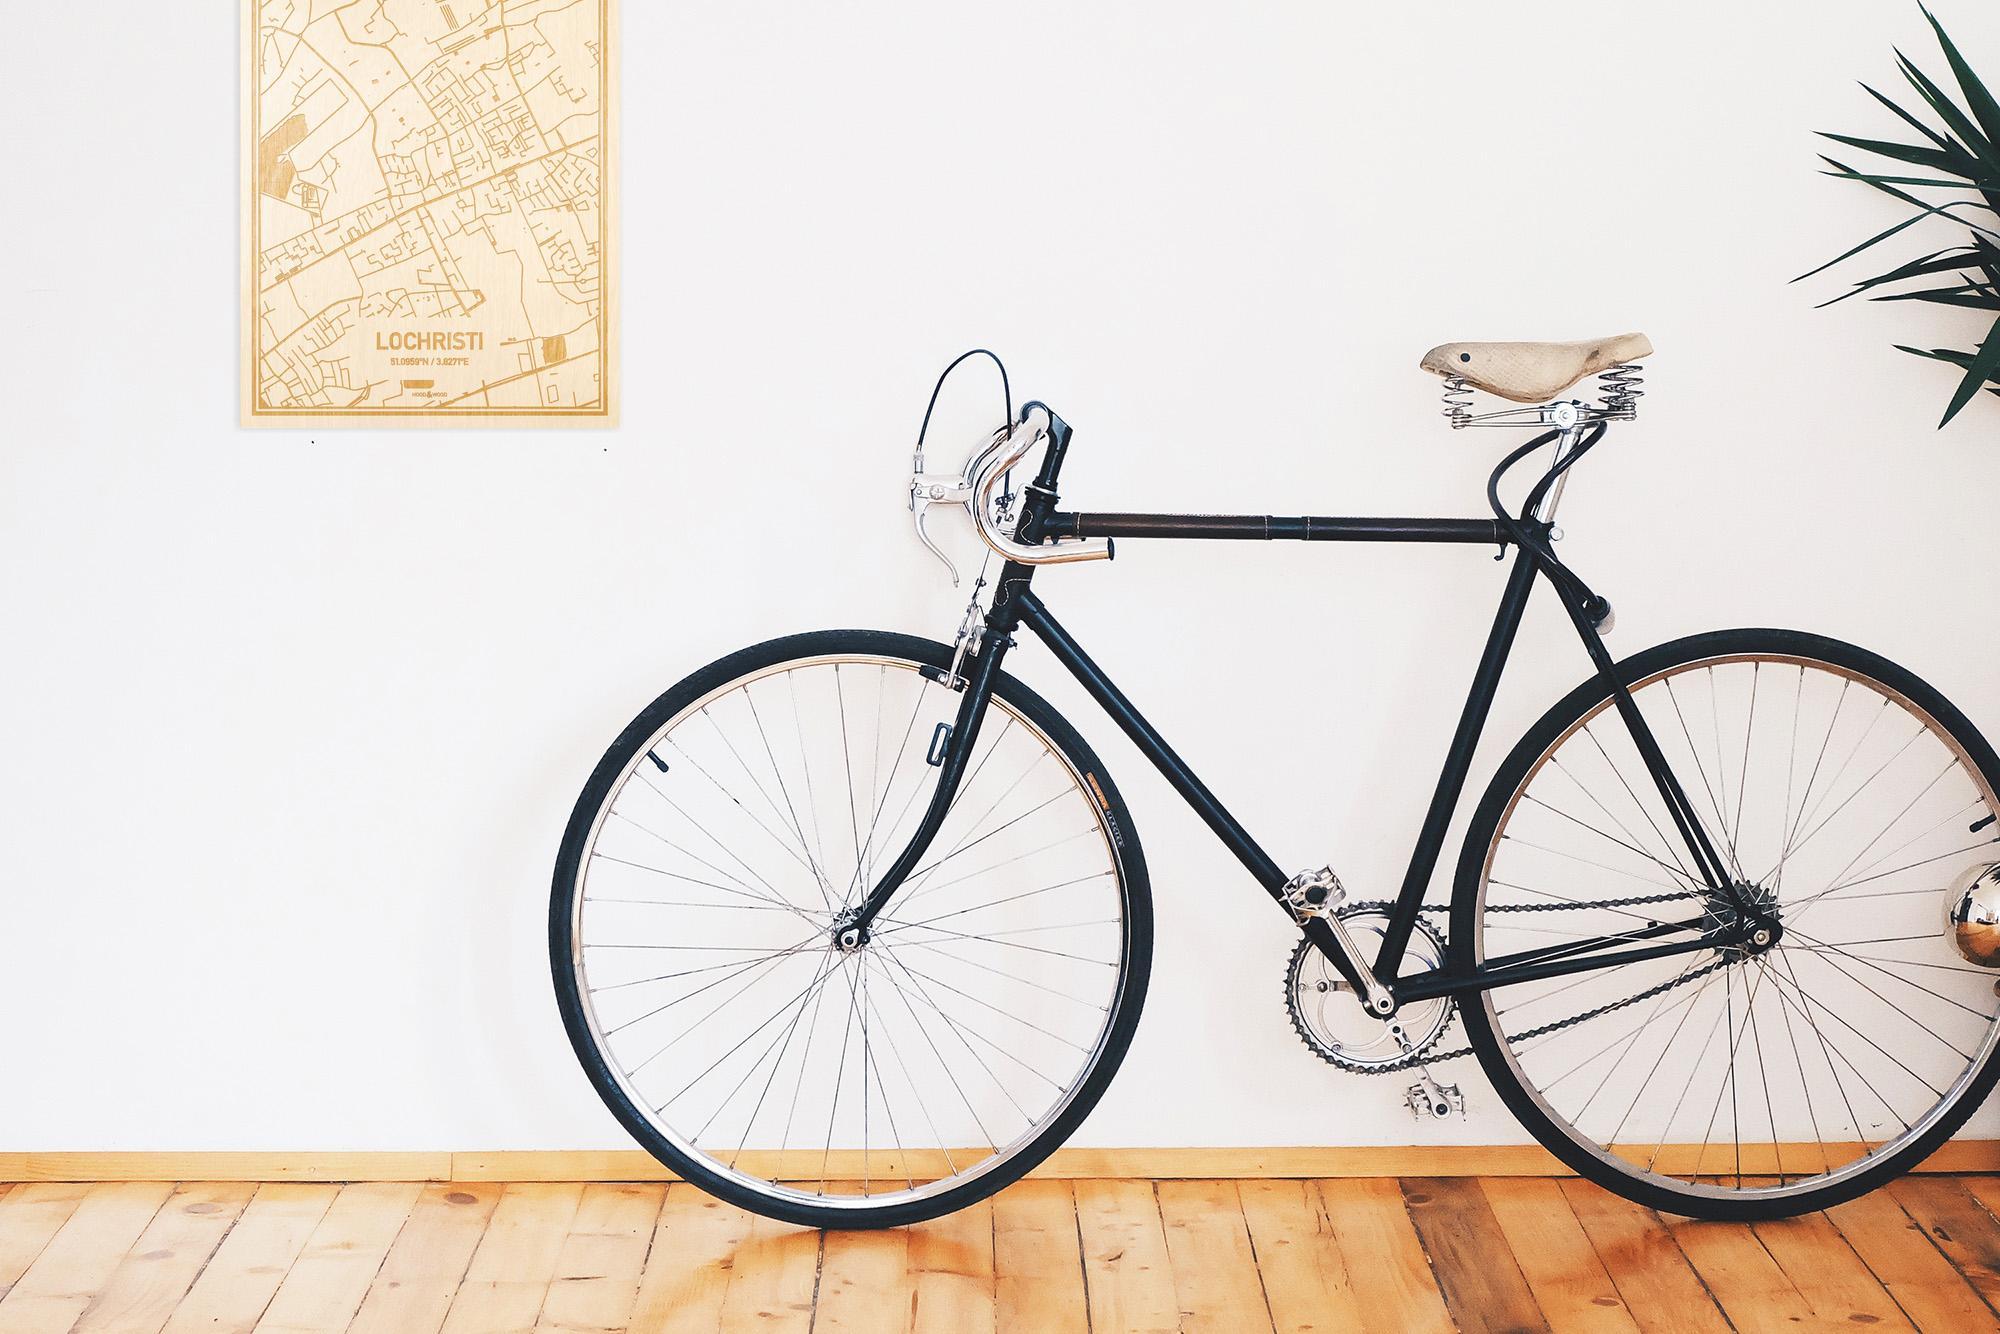 Een snelle fiets in een uniek interieur in Oost-Vlaanderen  met mooie decoratie zoals de plattegrond Lochristi.